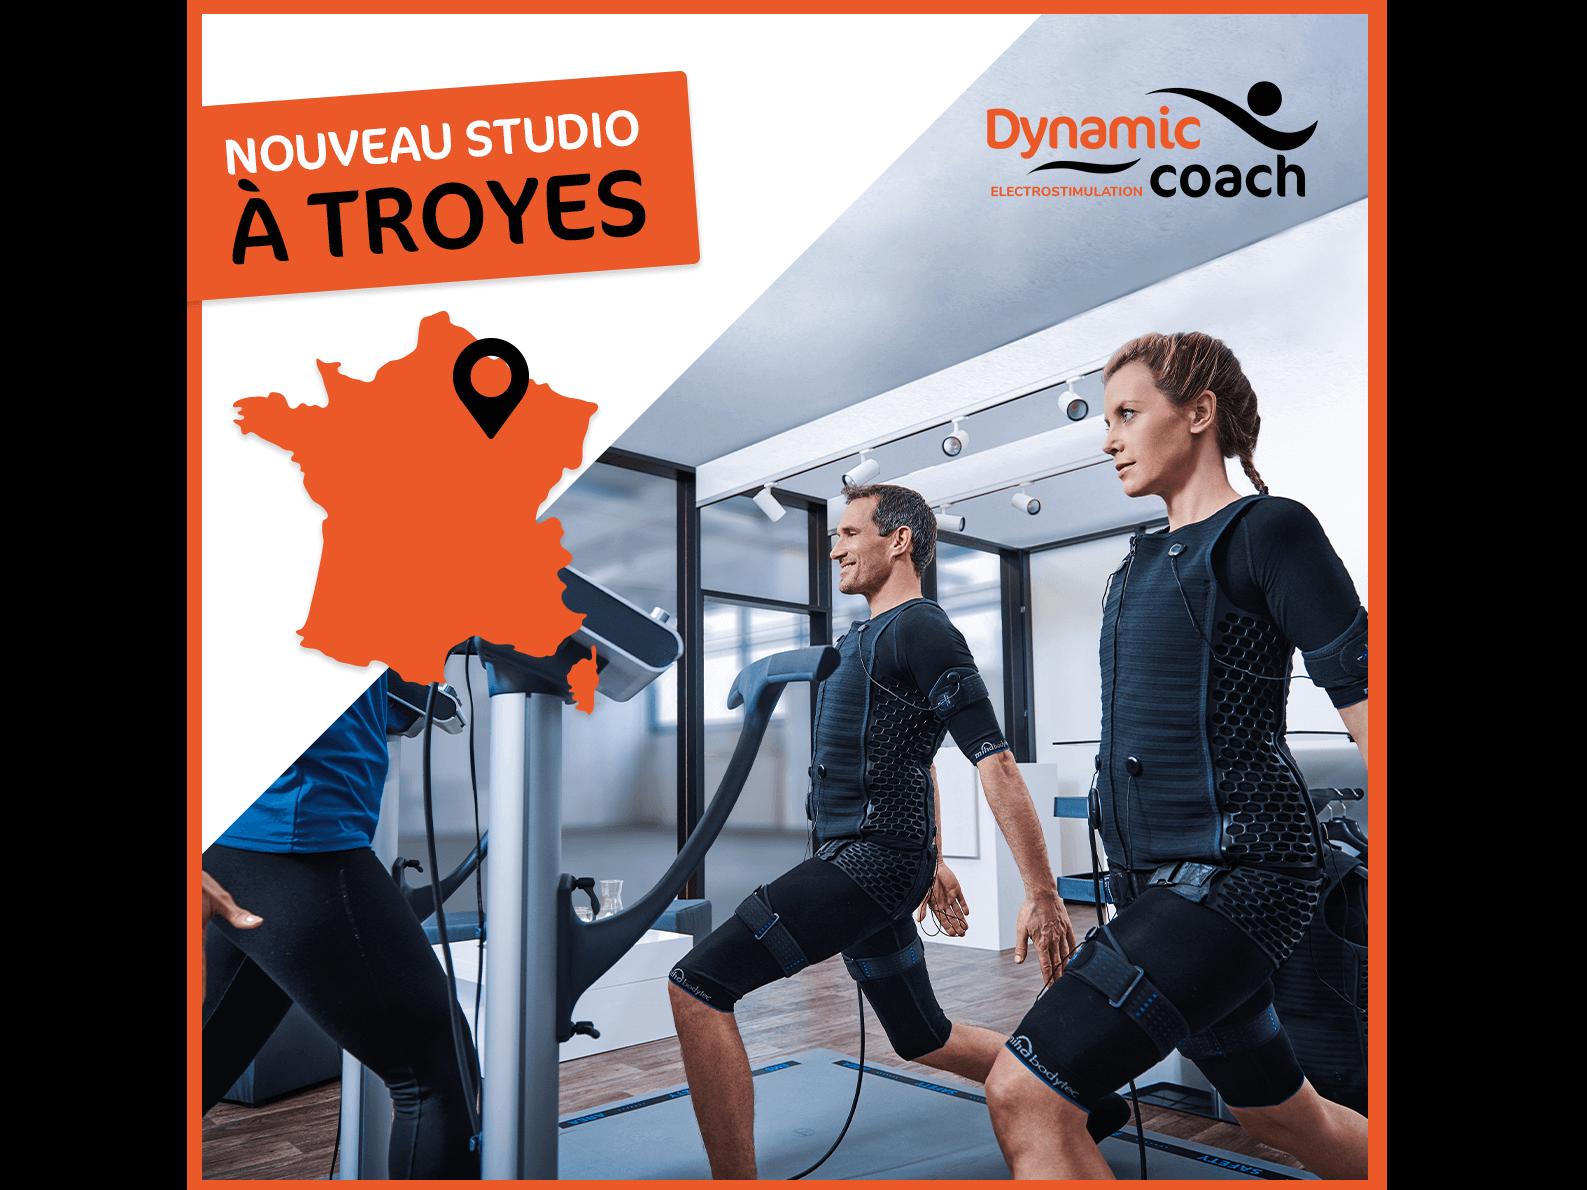 Dynamic Coach Troyes